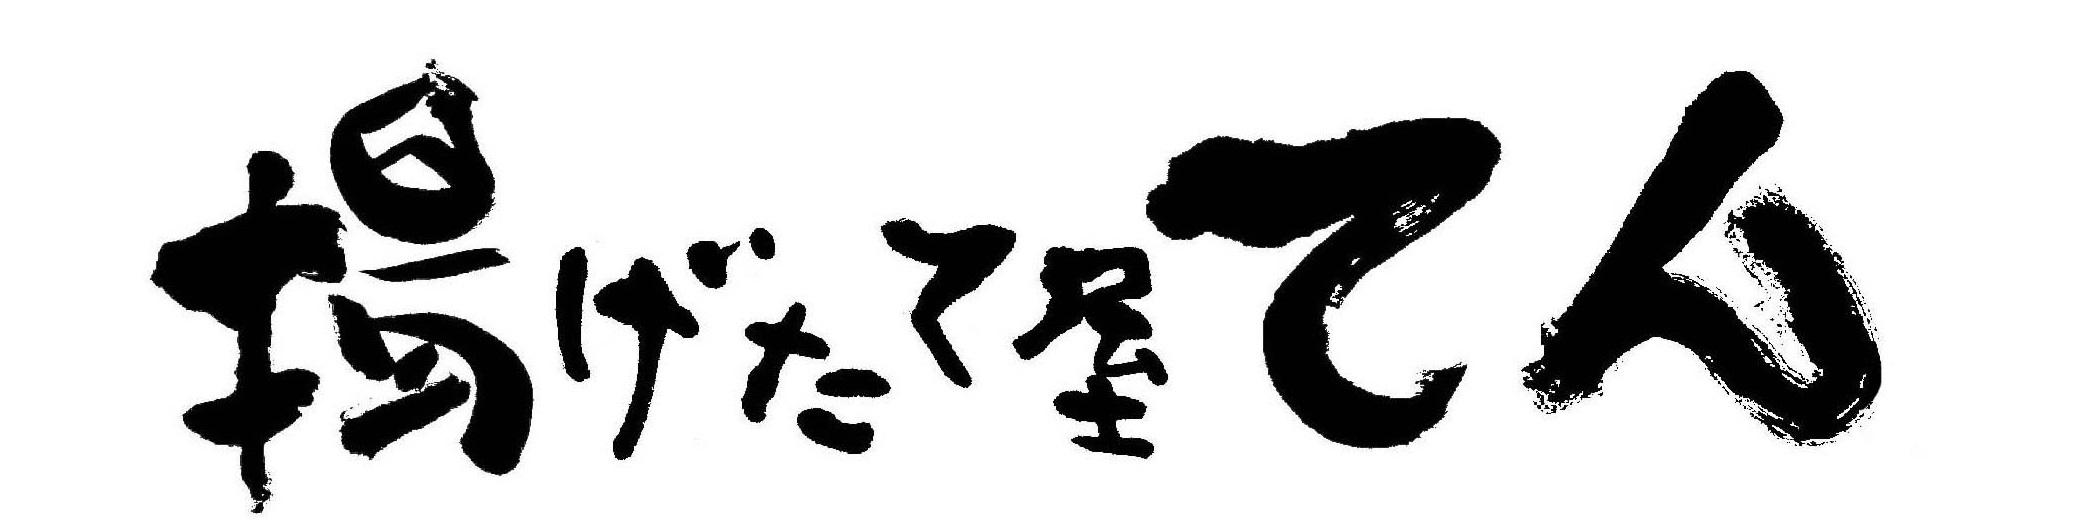 揚げたて天ぷら専門店 揚げたて屋てん